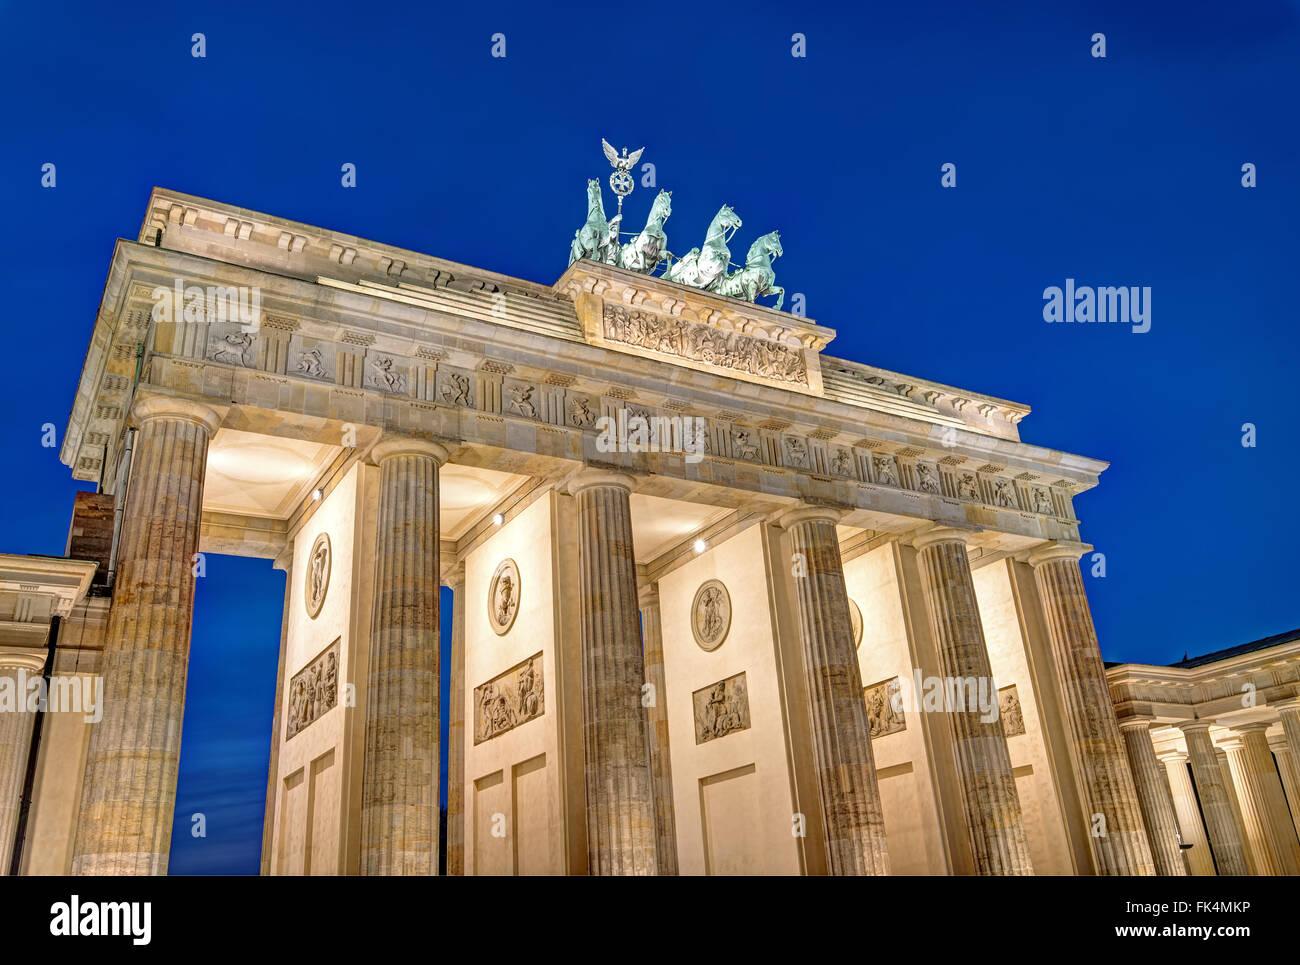 Berlins Wahrzeichen, dem Brandenburger Tor bei Nacht Stockbild